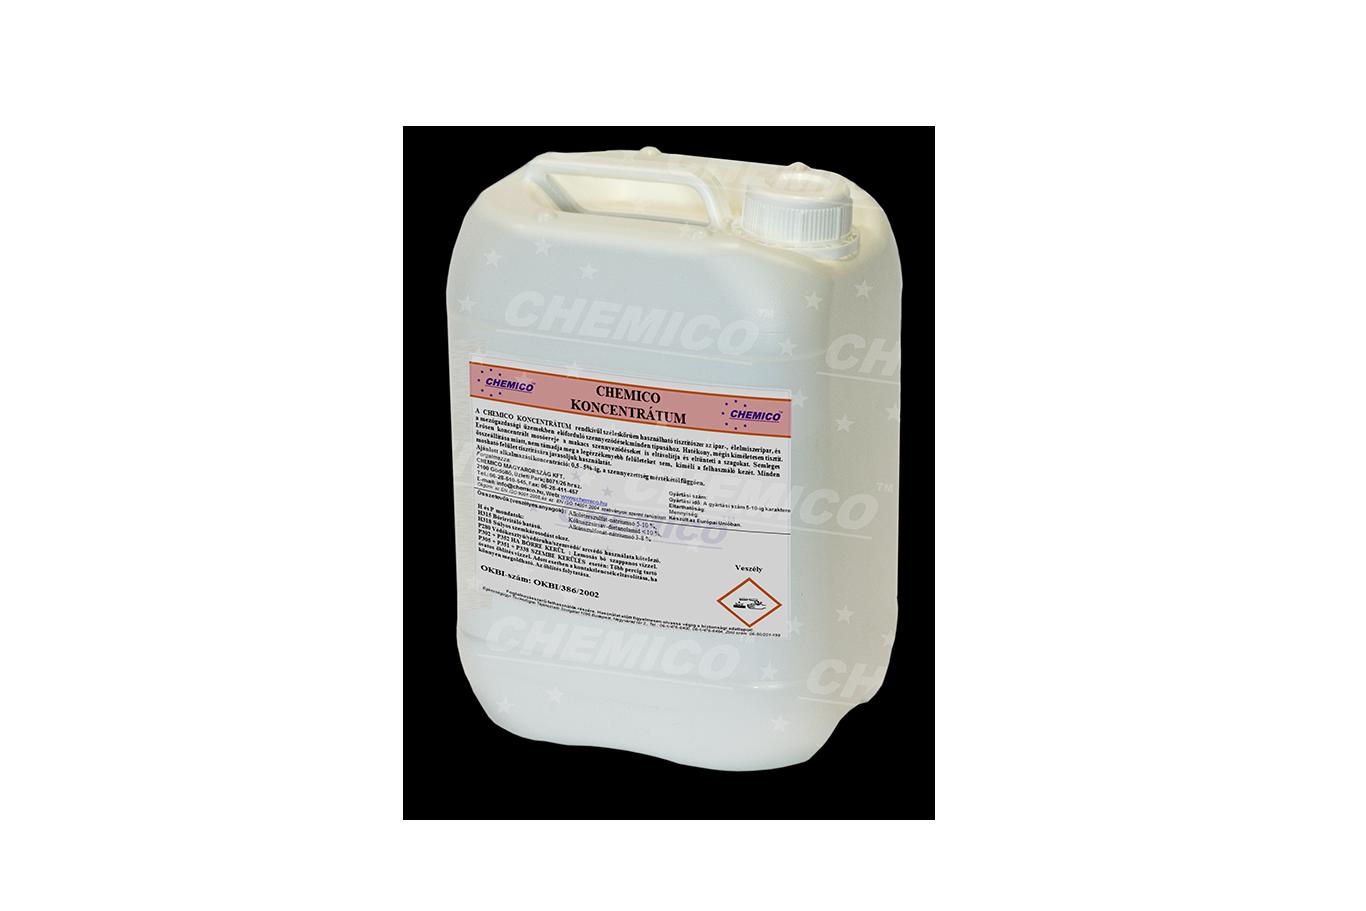 chemico-koncentratum-altalanos-illatos-tisztito-ipari-chemico-semleges-5l